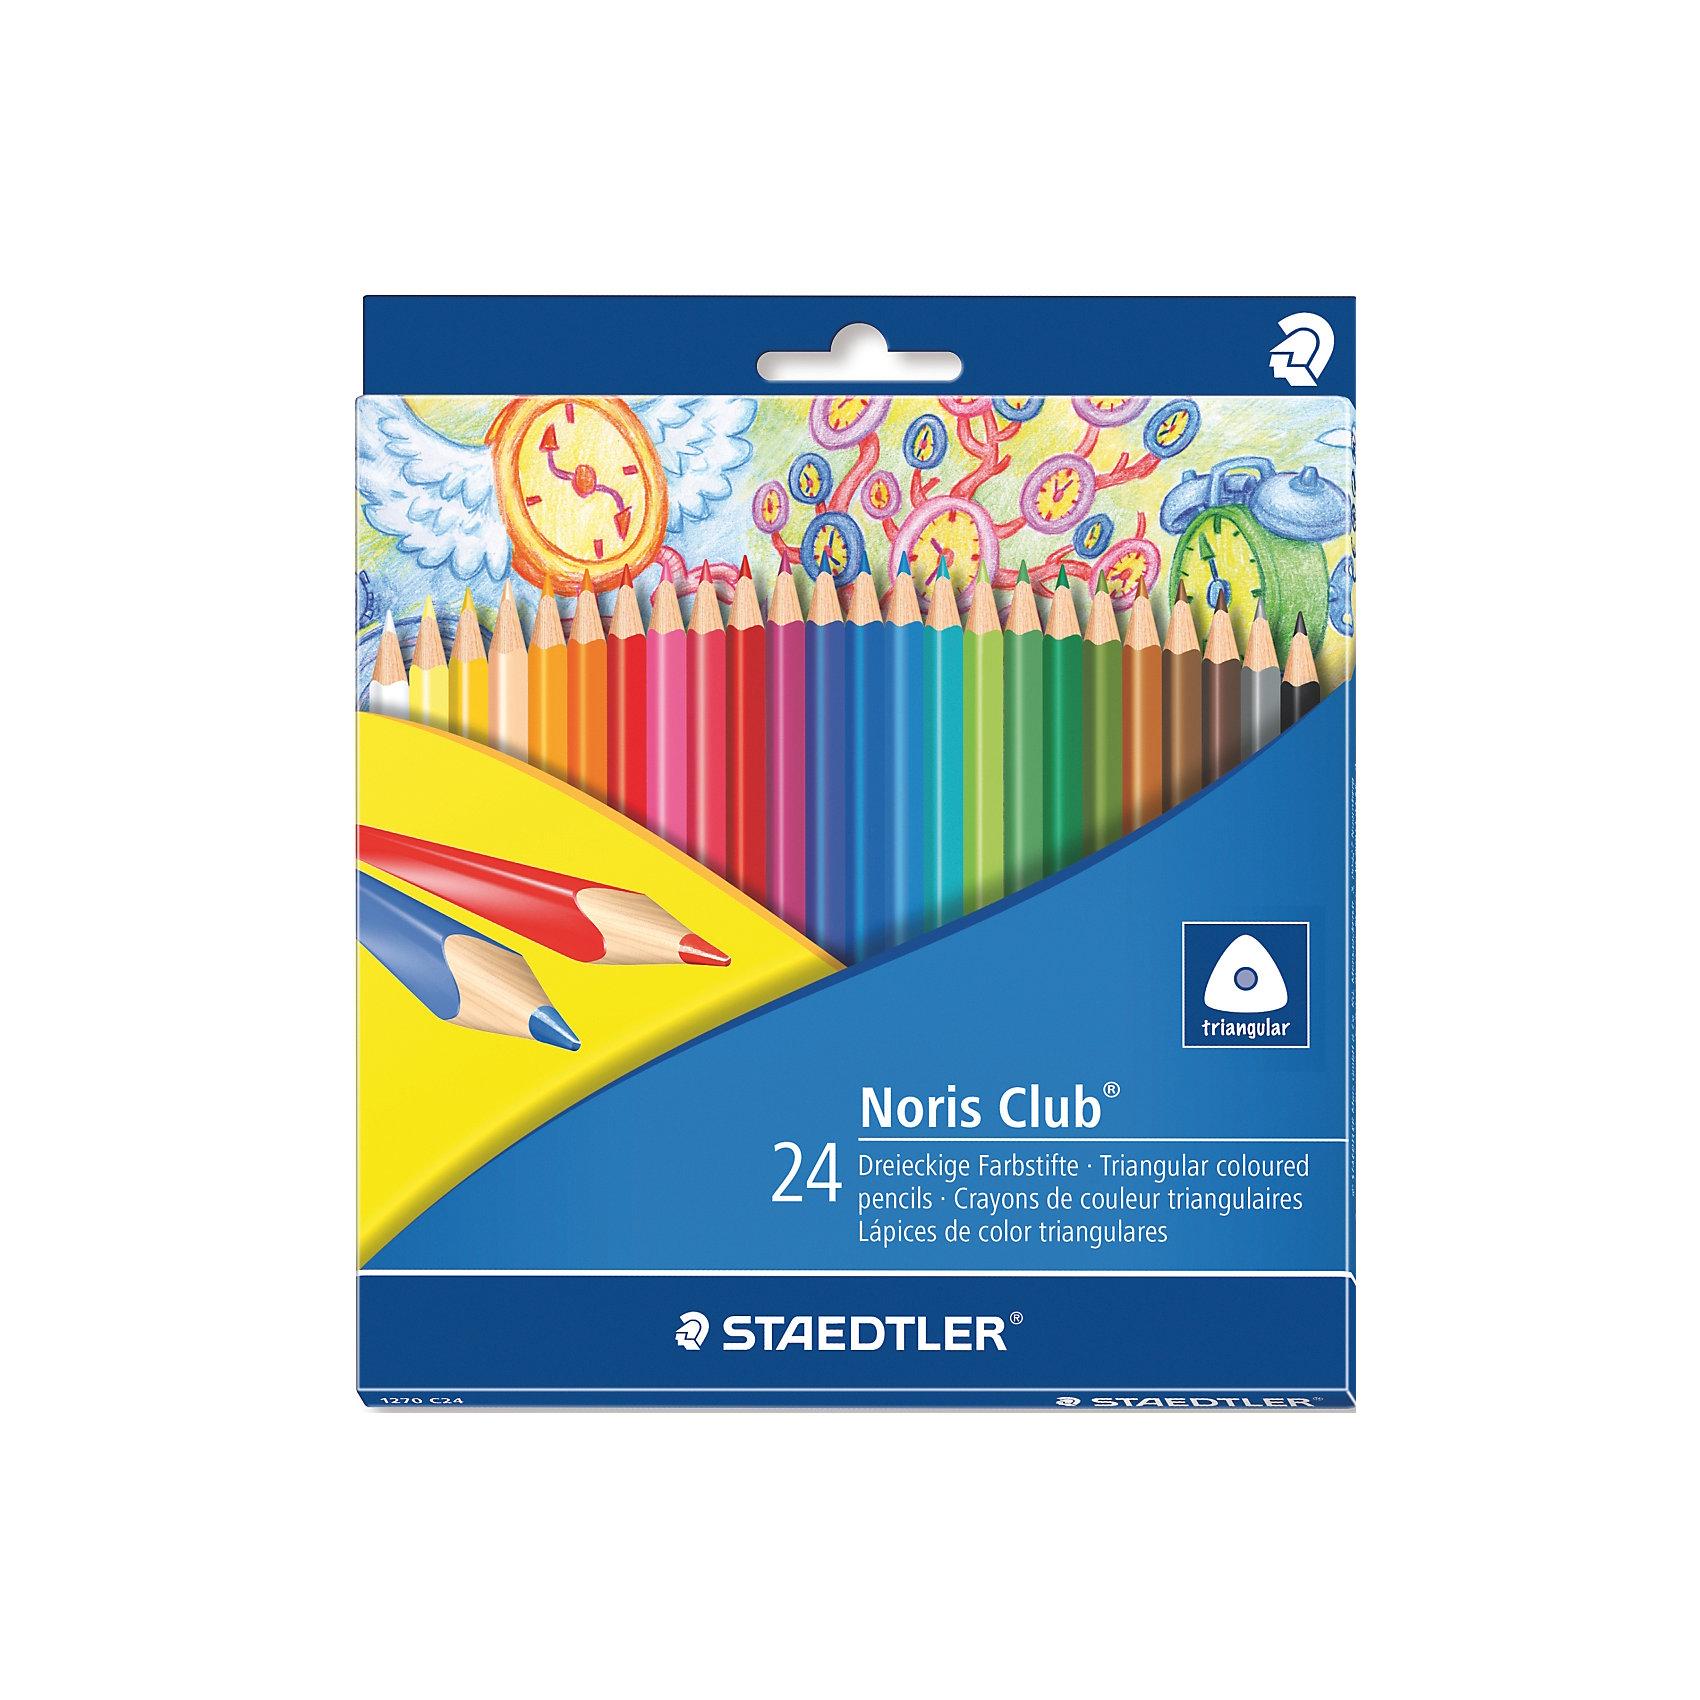 Карандаши  цветные Noris Club, 24 цвПисьменные принадлежности<br>Цветные карандаши  Noris Club 127   от торговой марки    Staedtler   помогут маленькому художнику создавать настоящие произведения искусства. Набор состоит из 24 самых основных насыщенных цветов. Изделия имеют прочный грифель и удобную шестигранную форму, которая позволяет легко их затачивать. Такие карандаши будет незаменимы в процессе обучения и для детского творчества. Набор упакован в яркую коробочку с оригинальным дизайном.<br><br>Дополнительная информация: <br><br>- возраст: от 3 лет<br>- тип: 24 цветных карандашей <br>- упаковка: картонная коробка<br>- вид карандаша: простой<br>- корпус: трехгранный<br>- поверхность: бумага<br>- назначение: для рисования, для творчества, для подчеркивания<br>- материал: дерево, грифель<br>- диаметр грифеля: 3 мм<br>- страна производитель: Германия.<br><br>Набор из 24 цветных  карандашей   Noris HB  торговой марки   Staedtler  можно купить в нашем интернет-магазине.<br><br>Ширина мм: 198<br>Глубина мм: 176<br>Высота мм: 10<br>Вес г: 164<br>Возраст от месяцев: 60<br>Возраст до месяцев: 168<br>Пол: Унисекс<br>Возраст: Детский<br>SKU: 4918512